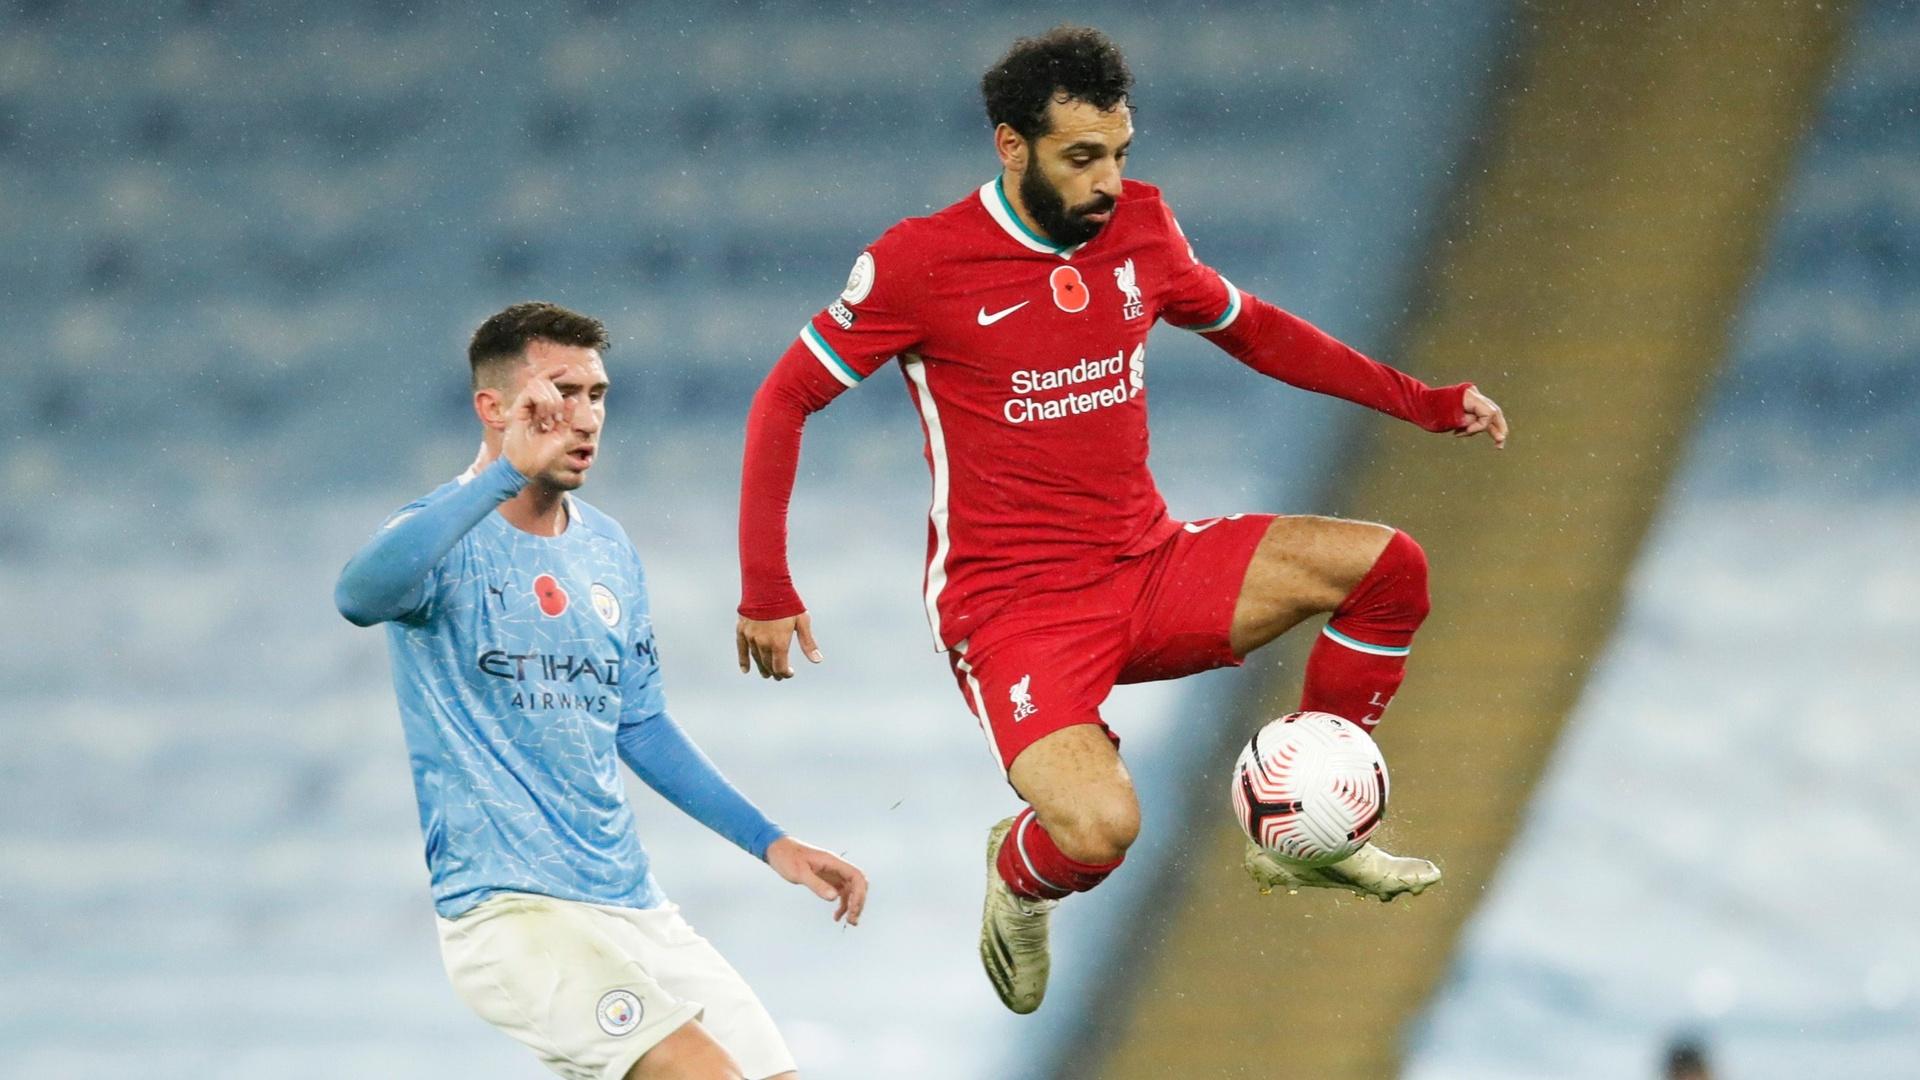 من بينهم محمد صلاح.. غياب 100 لاعب عن الجولة التاسعة من الدوري الإنجليزي